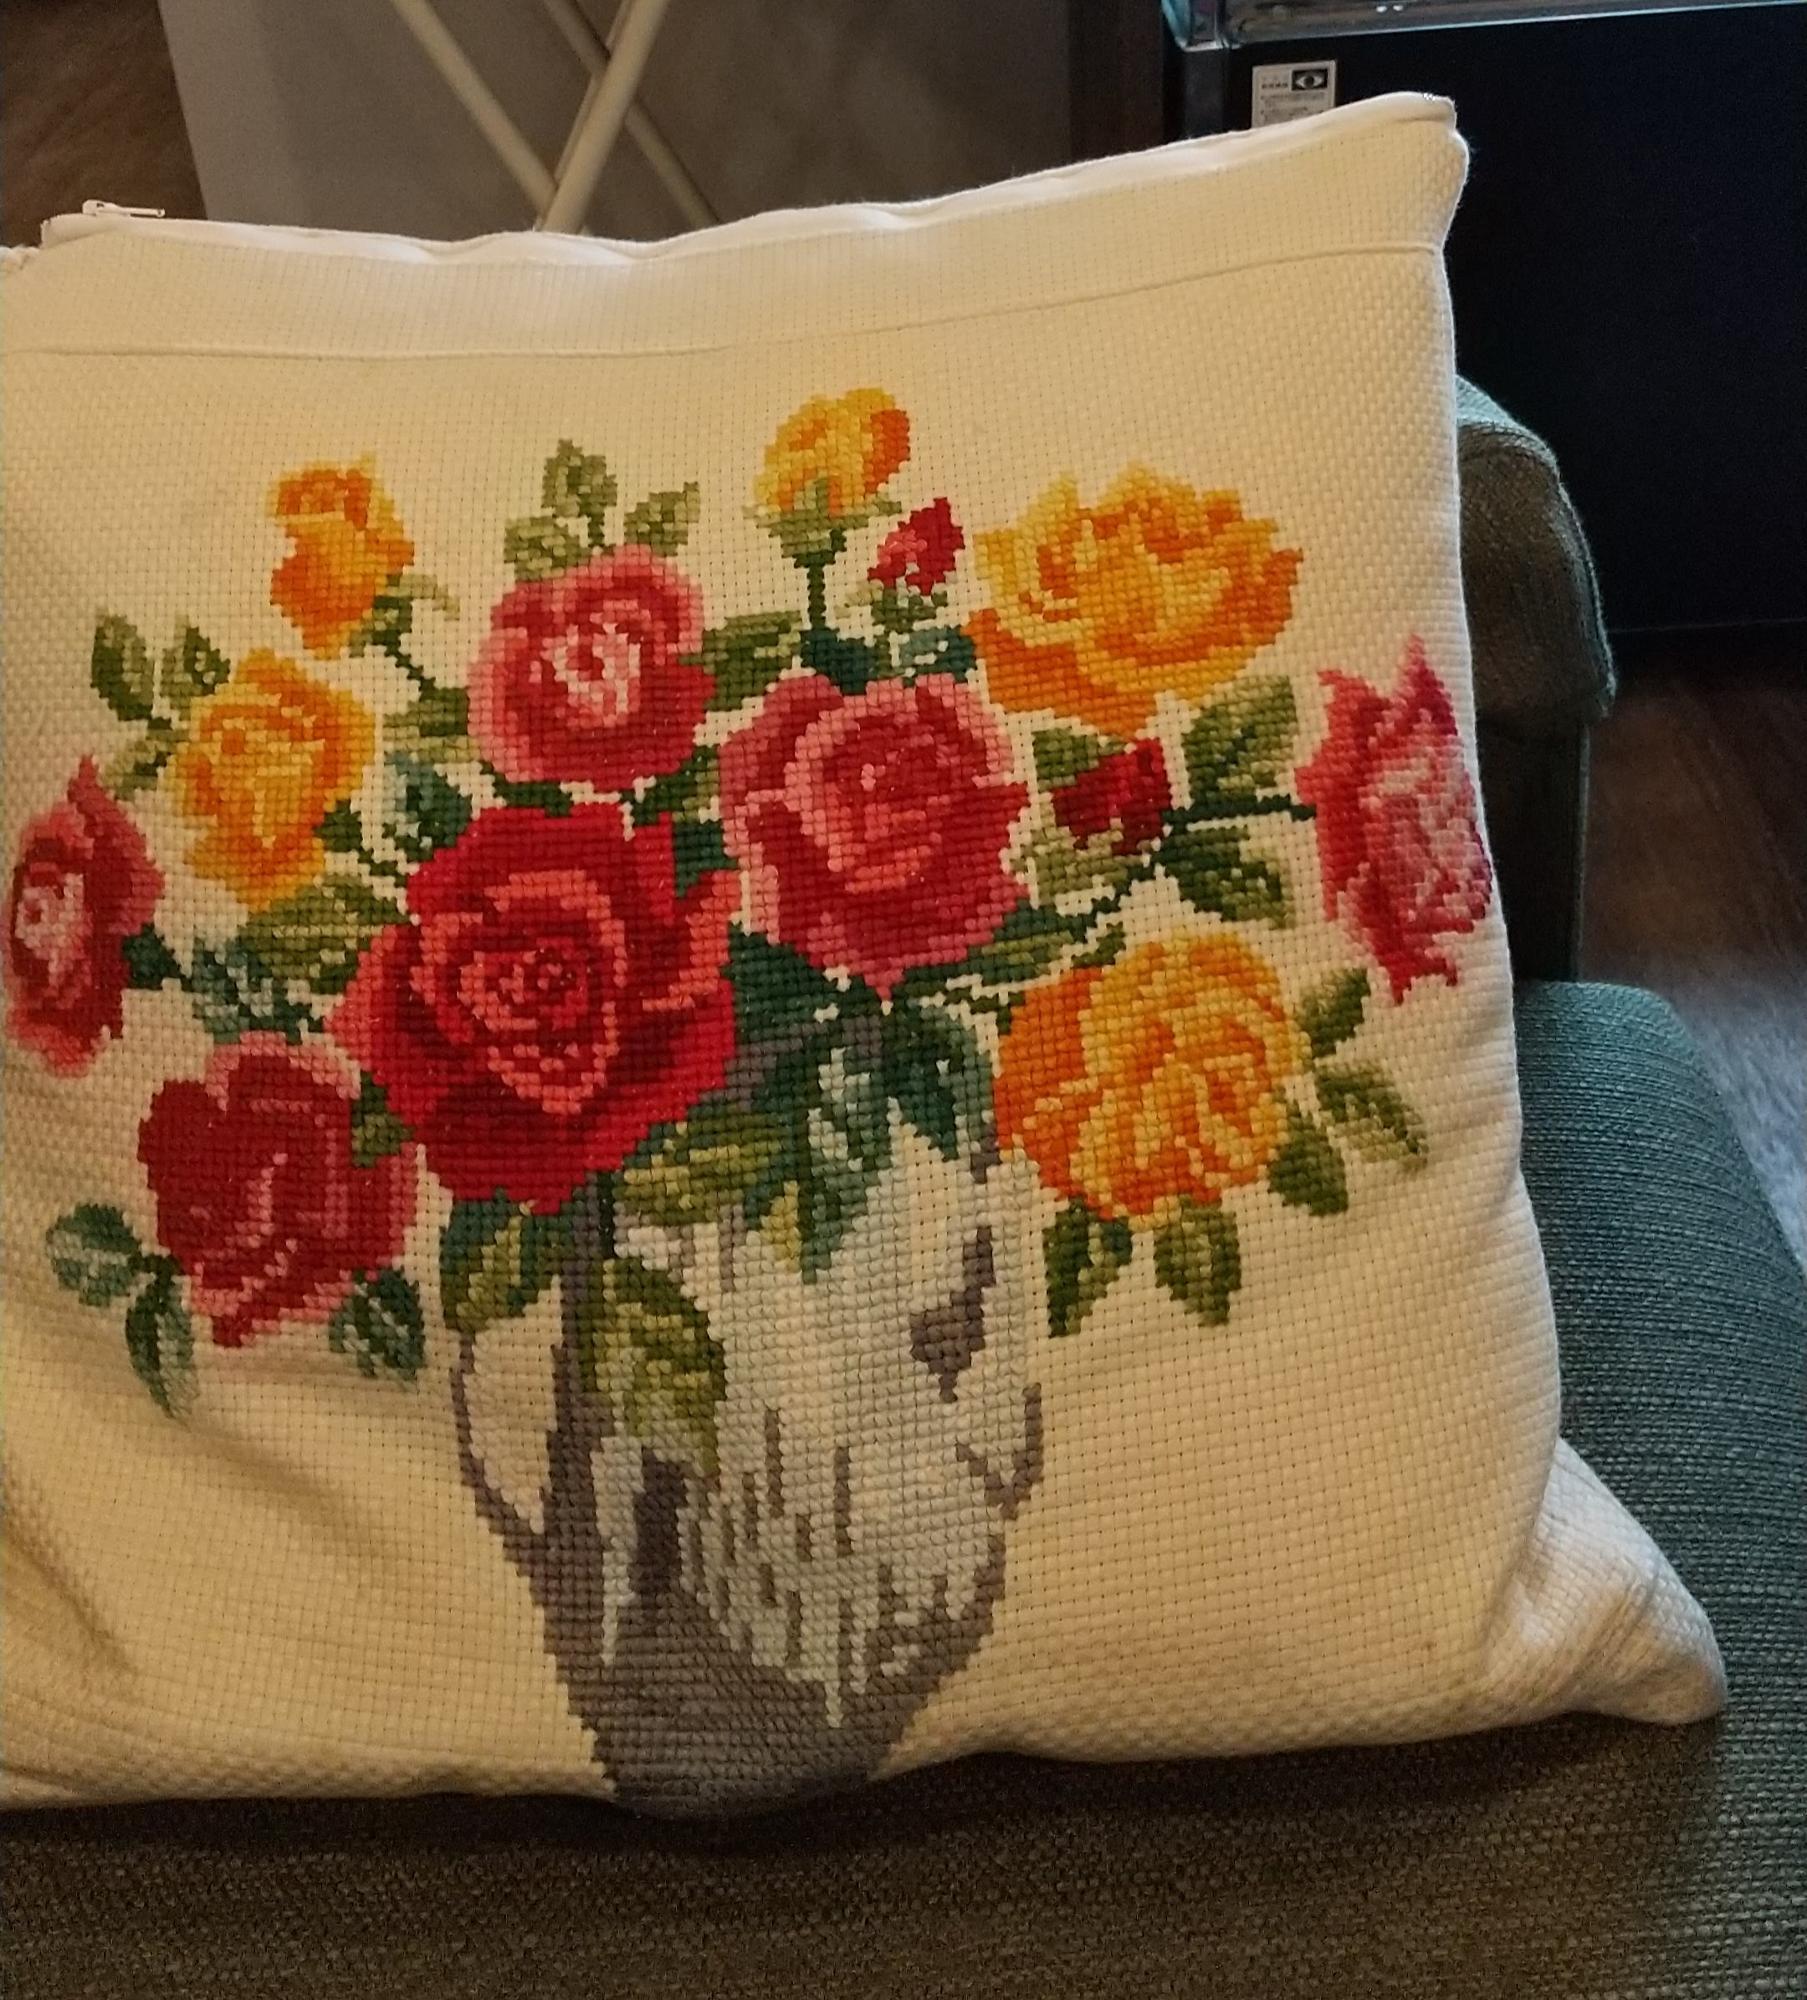 ソファには薔薇柄のクッション